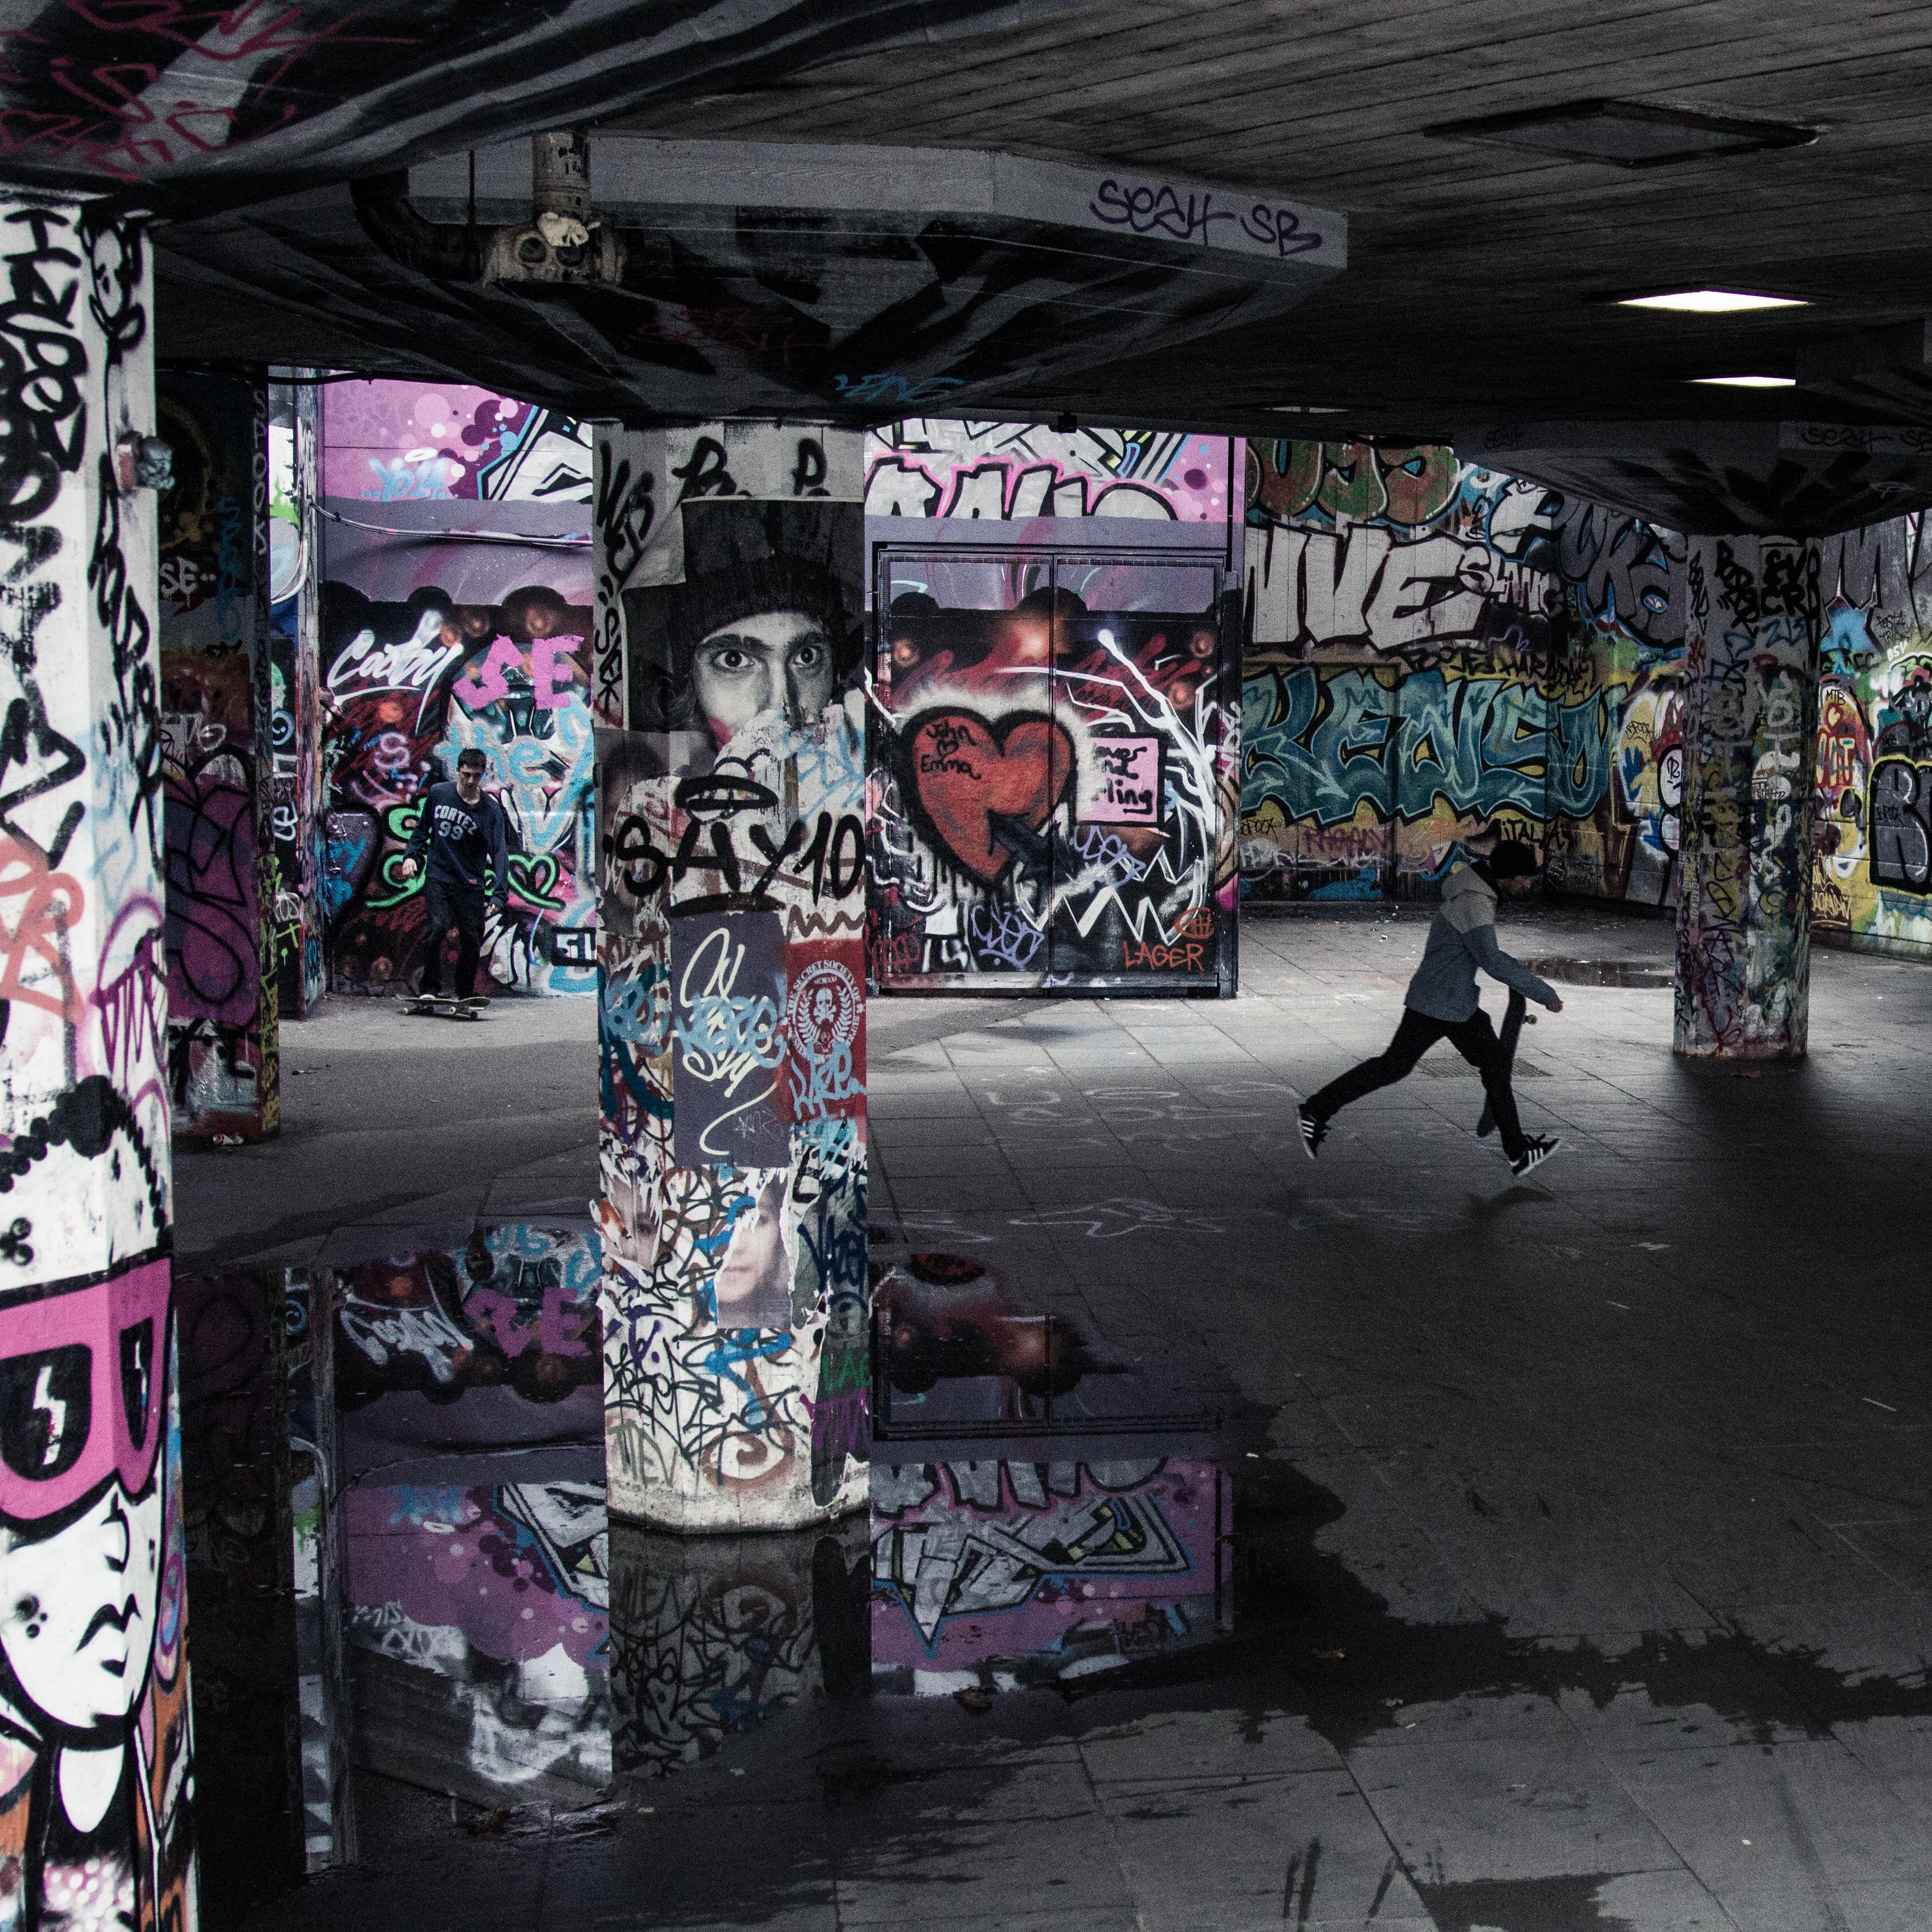 Graffiti at Southbank